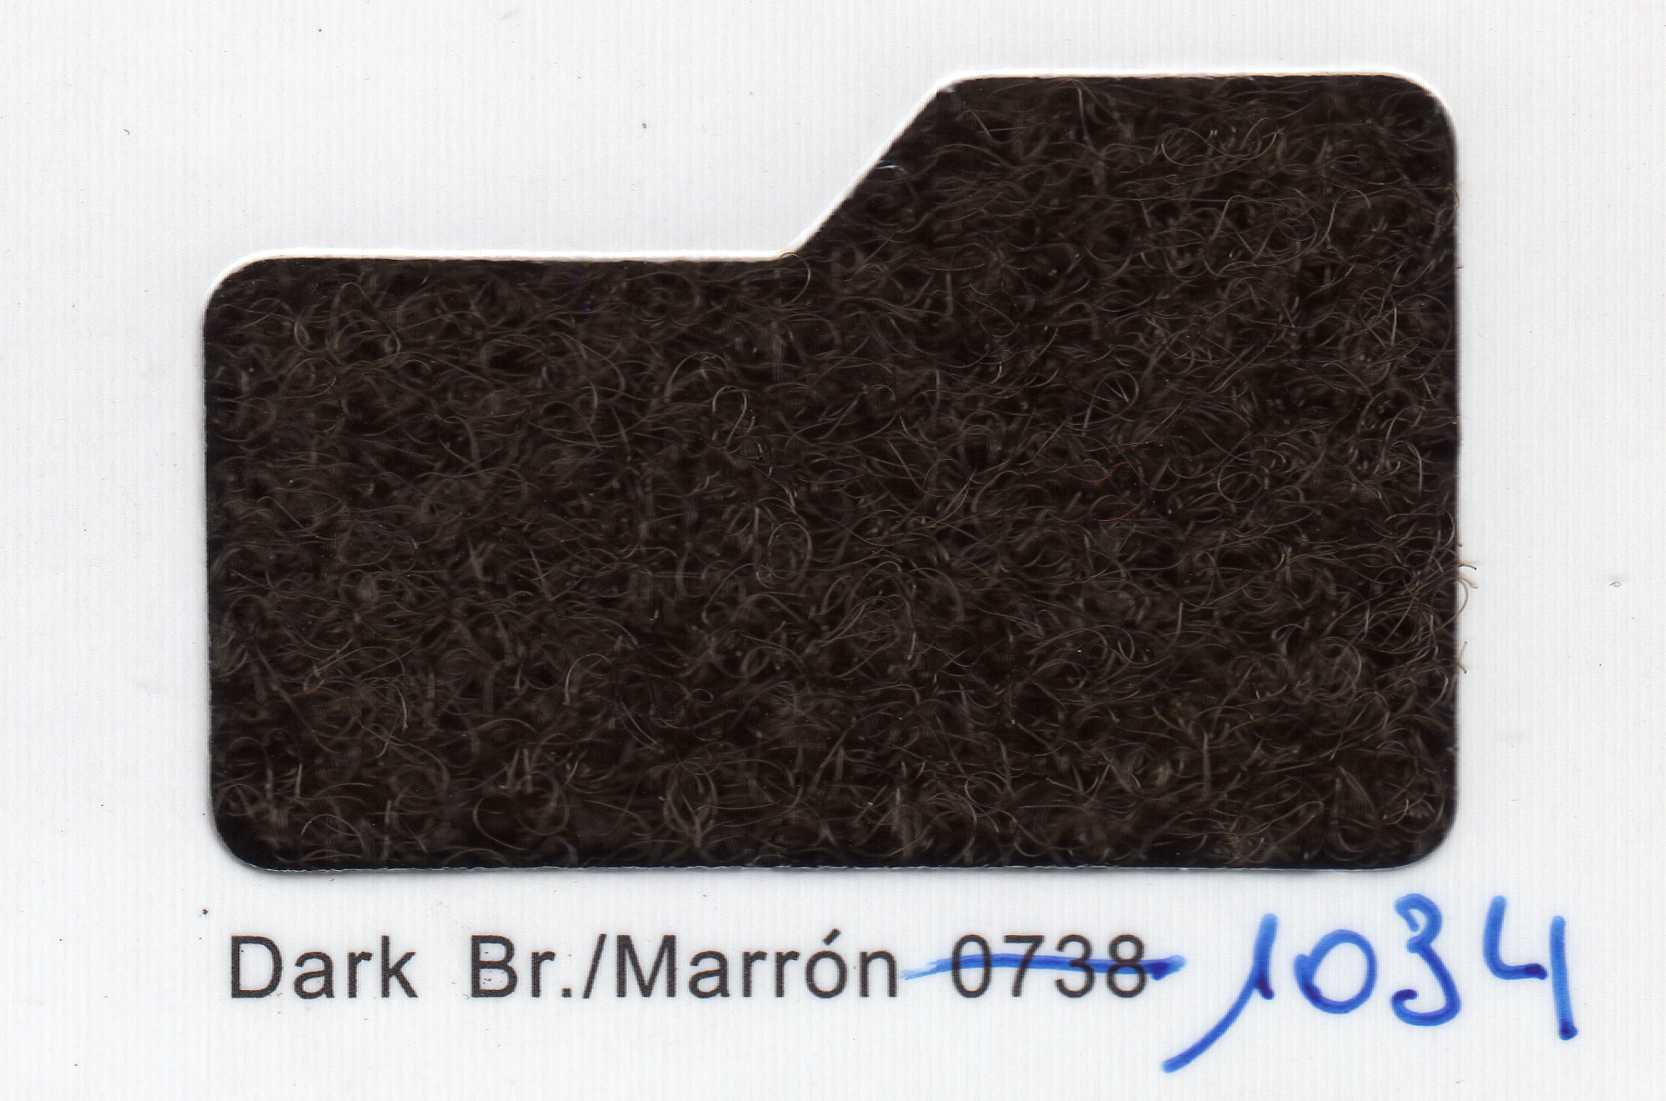 Cinta de cierre Velcro-Veraco 30mm Marrón 1034 (Rizo).